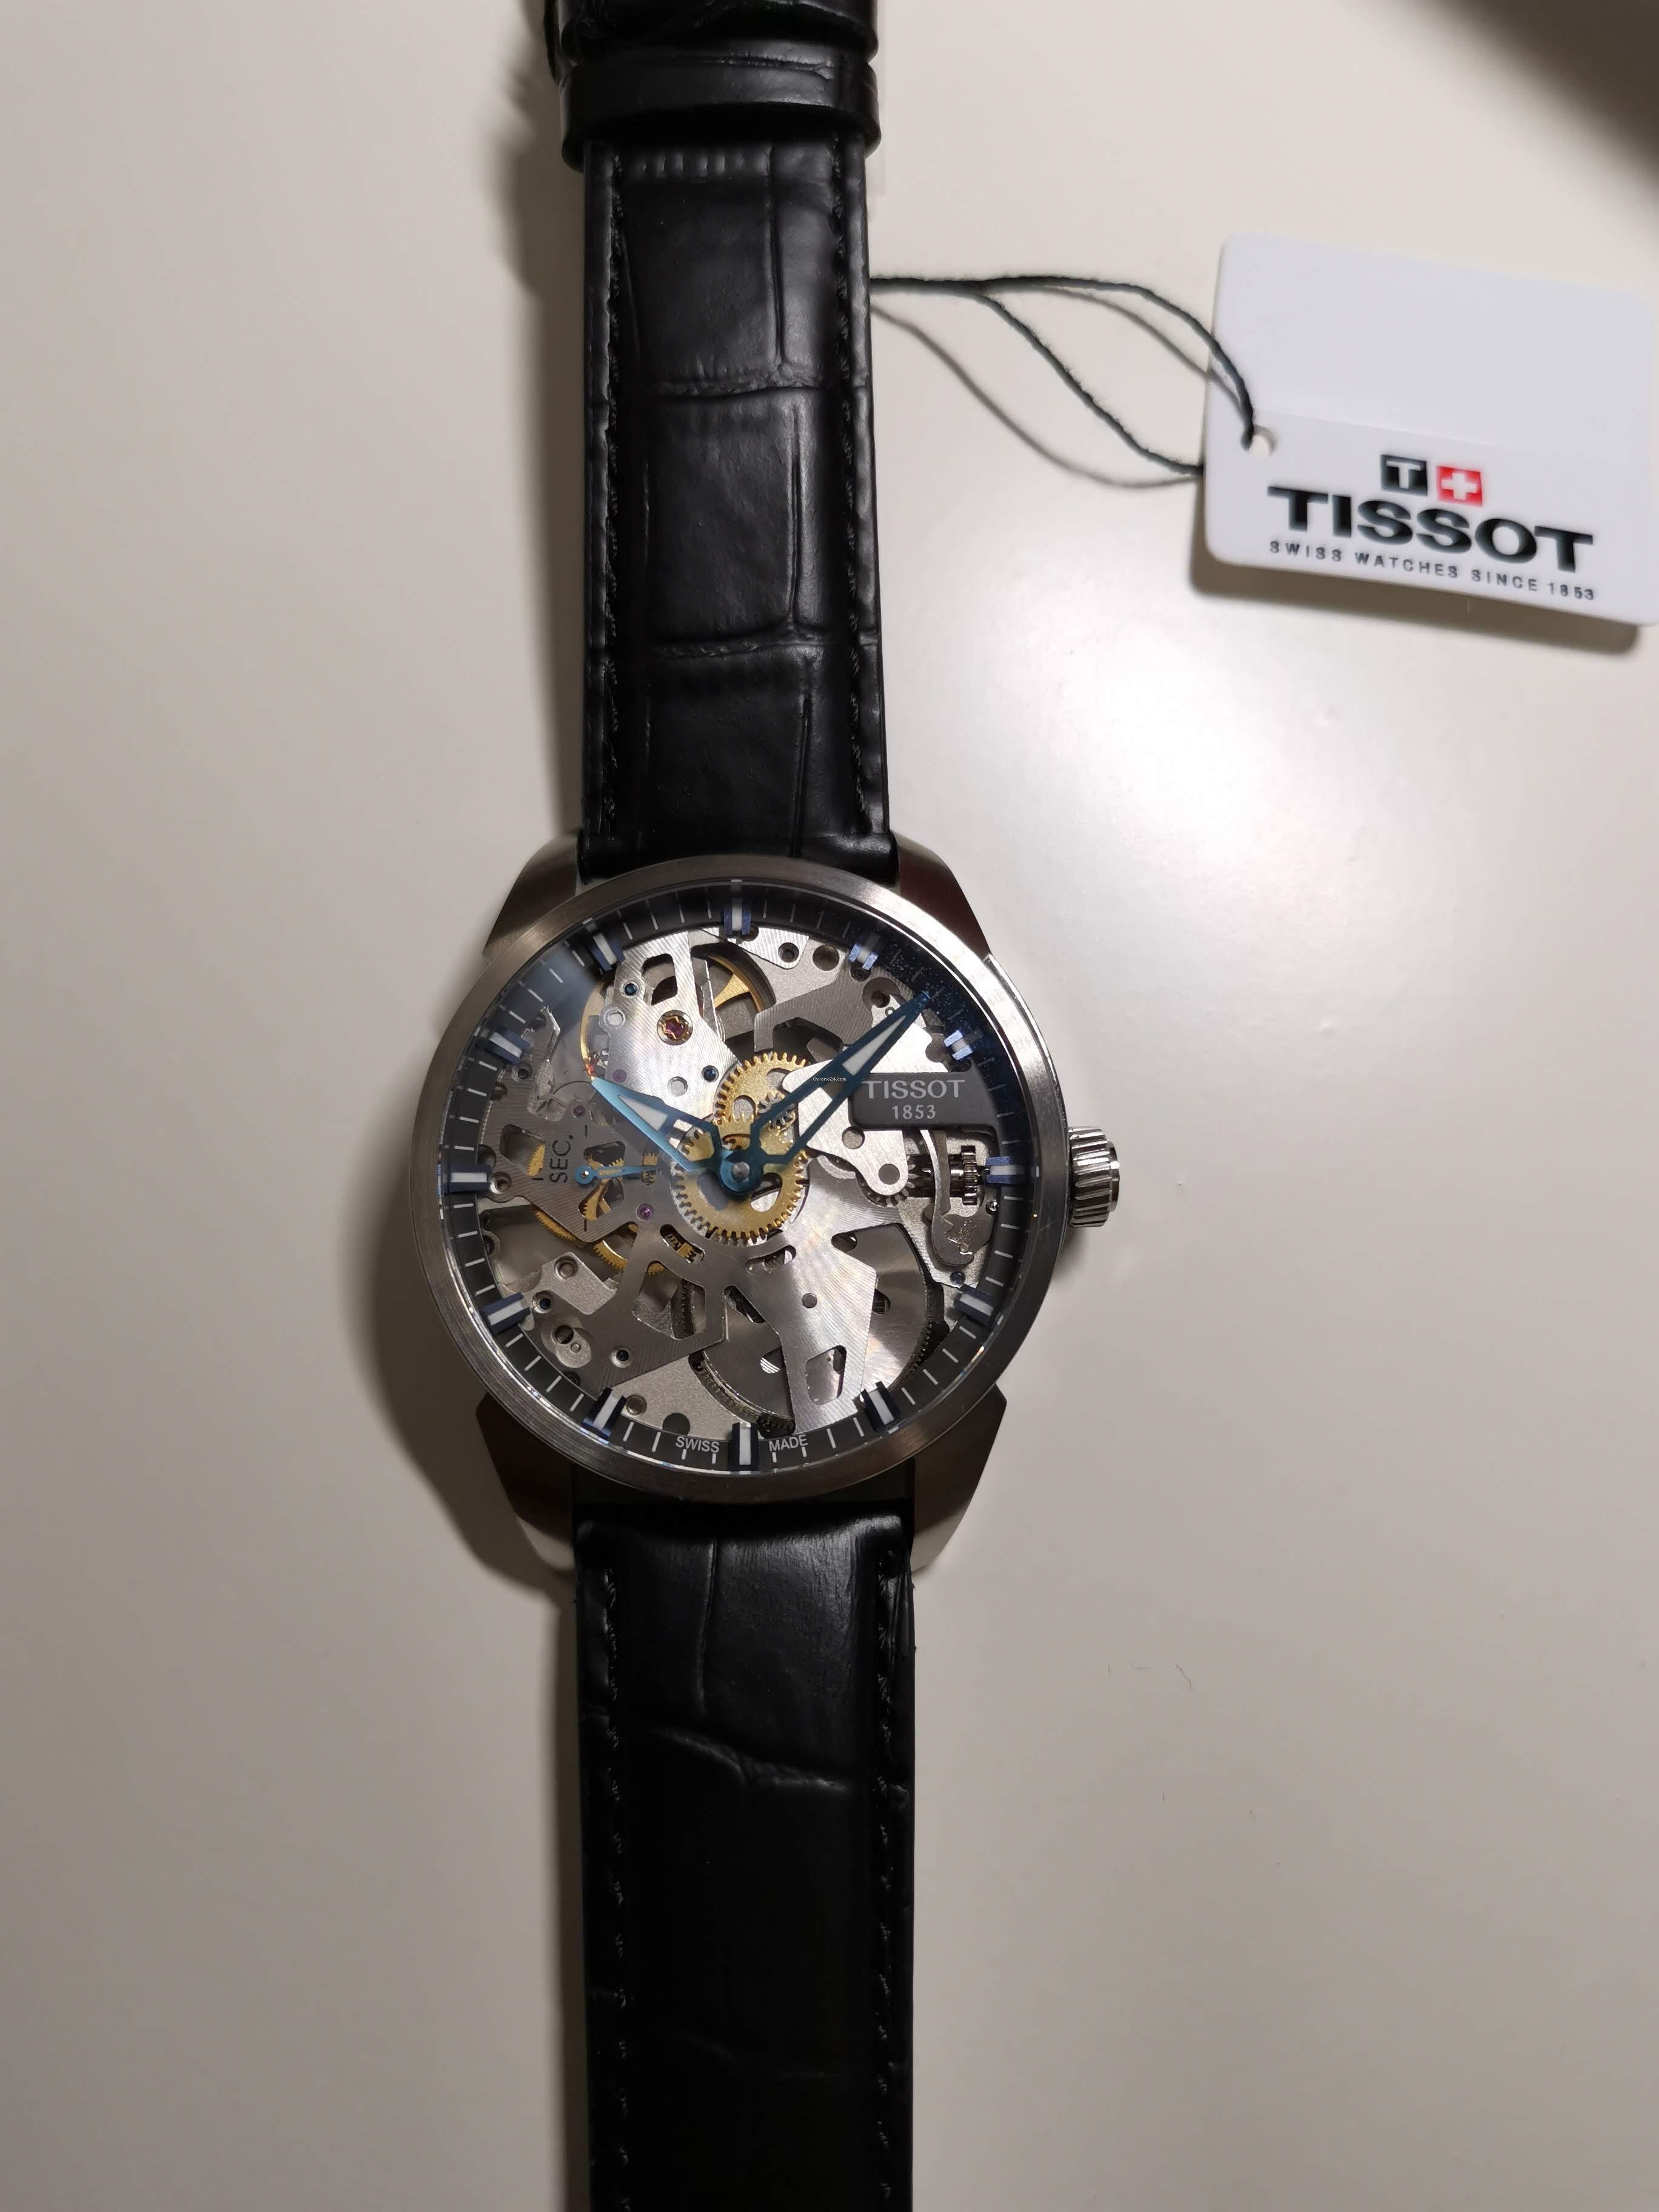 16 405 Tissot T Squelette T070 411 Mechanical À Complication 00 uFTKl1J3c